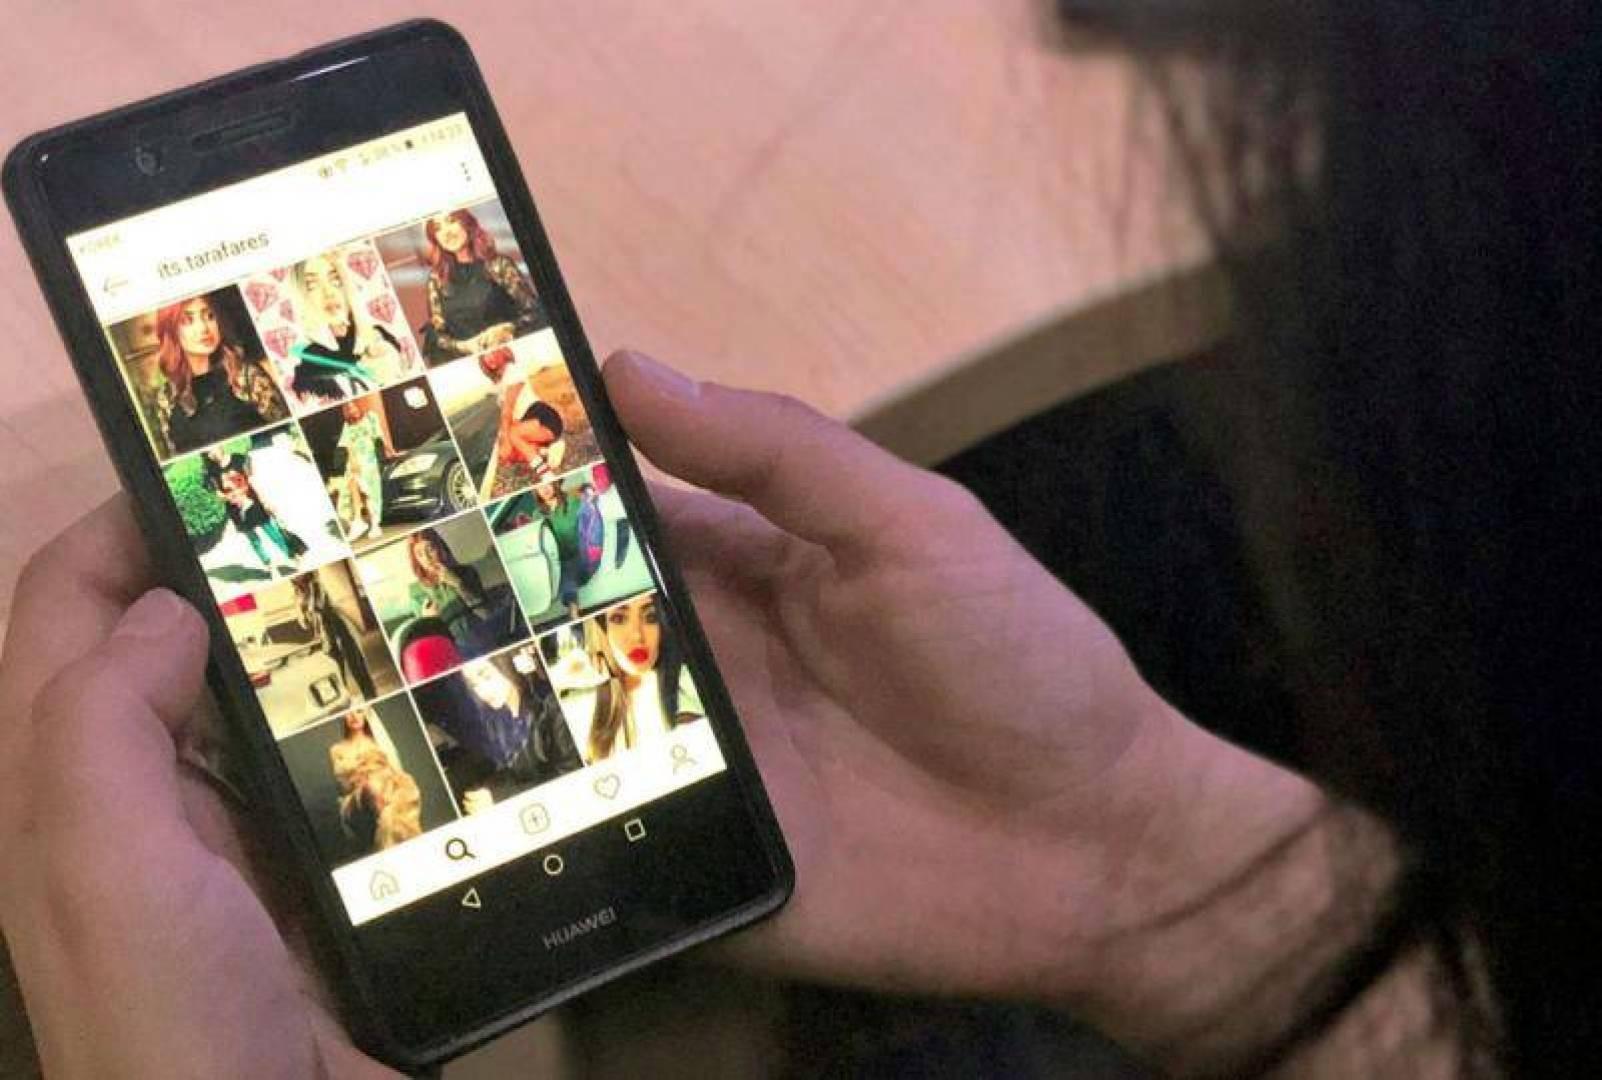 حيلة سريعة لإلغاء صور وقصص الأصدقاء المزعجين من دون حظرهم على إنستغرام!